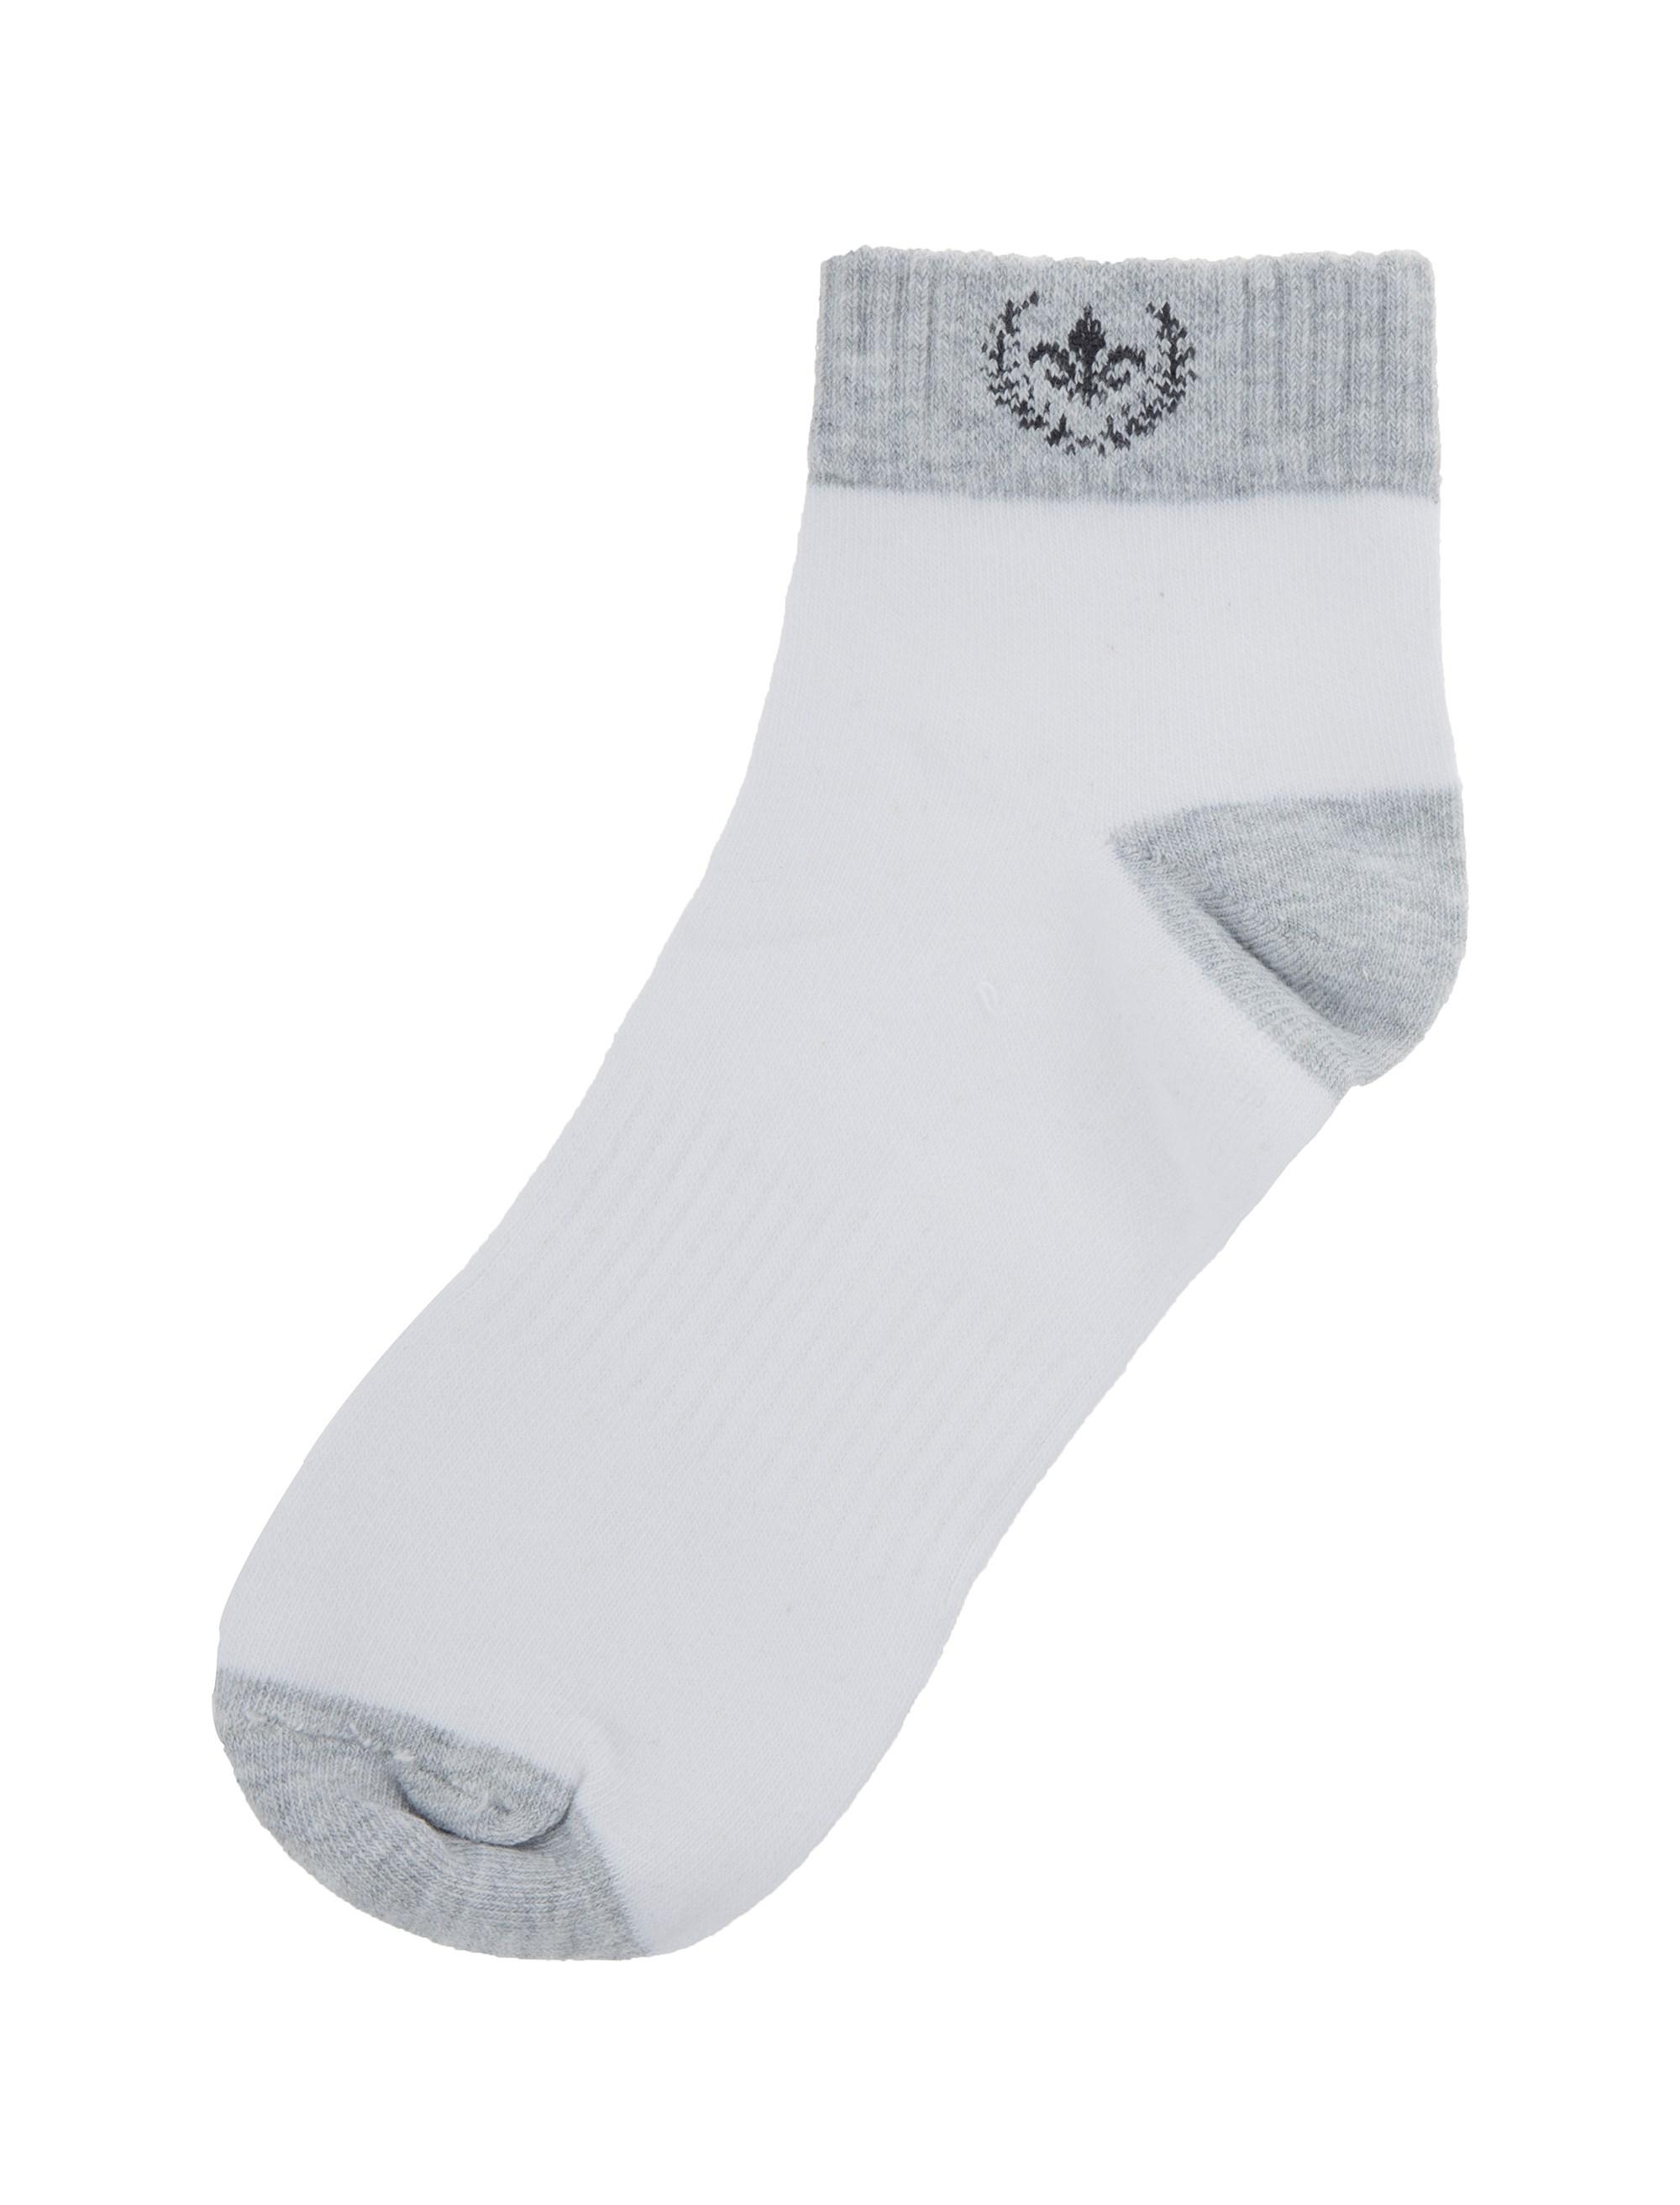 جوراب نخی ساق کوتاه مردانه - مادام کوکو - سفيد - 2